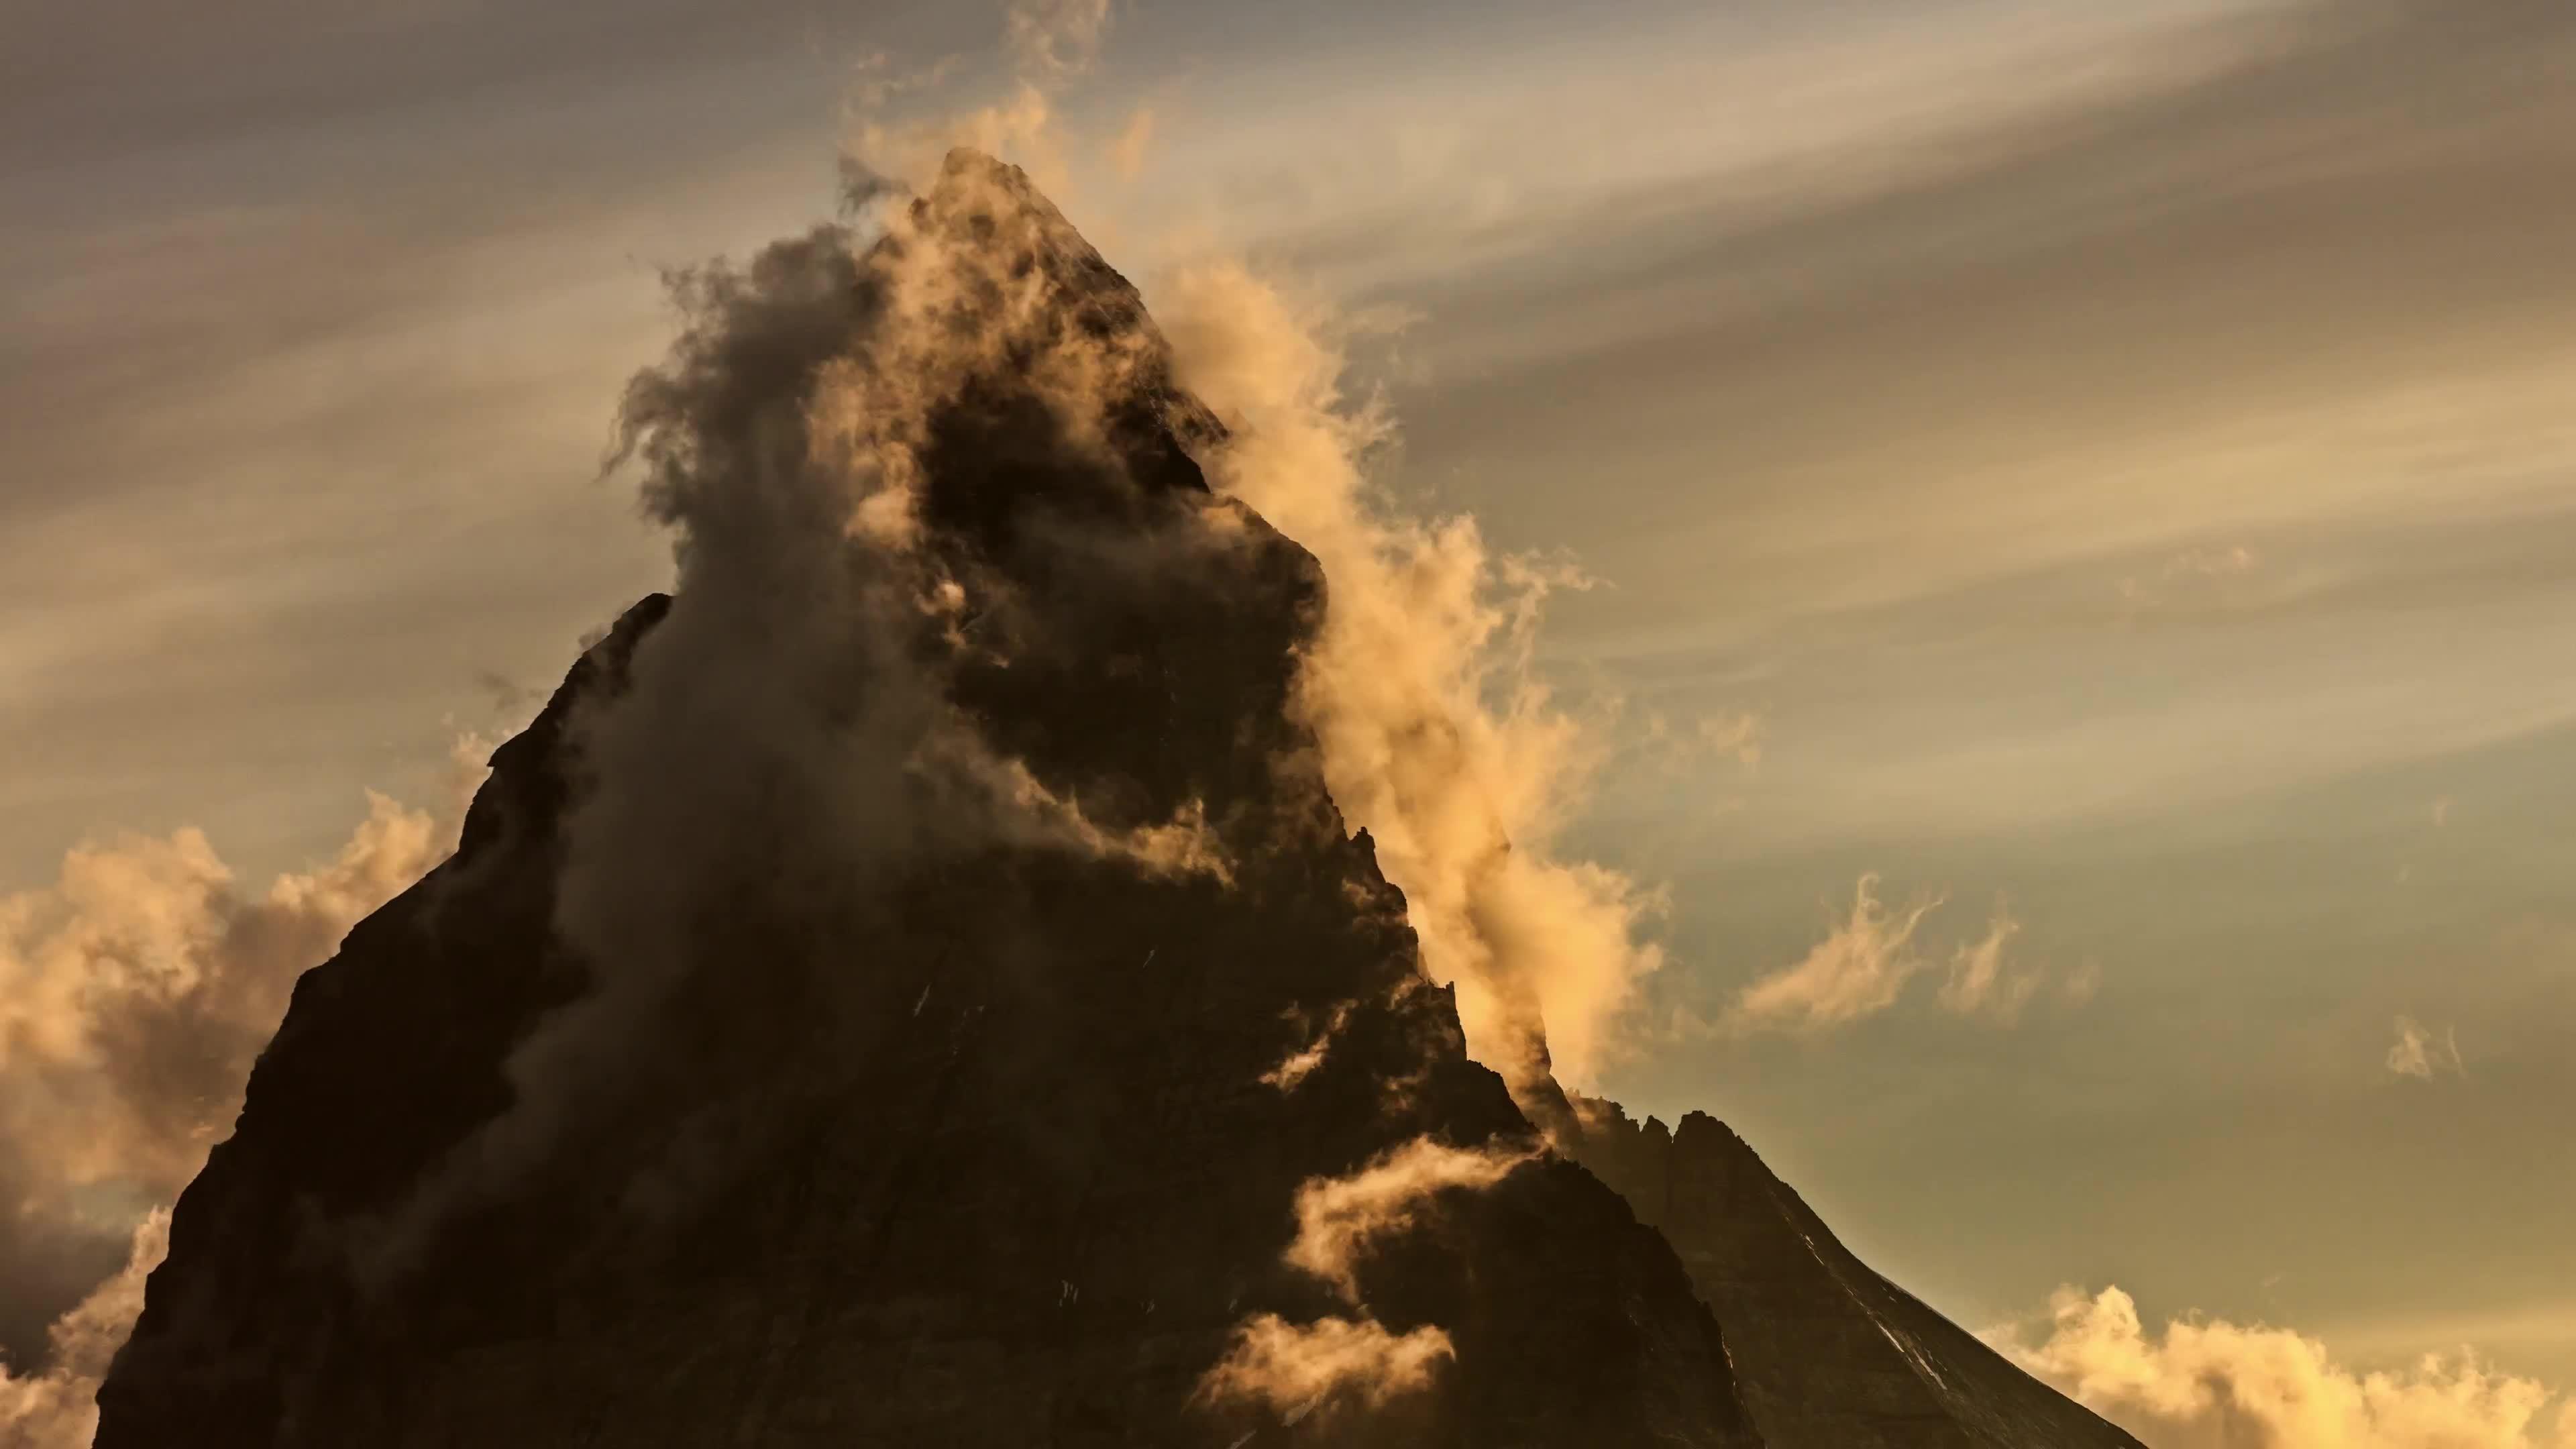 earthgifs, weathergifs, woahdude, Switzerland 4K | Timelapse GIFs